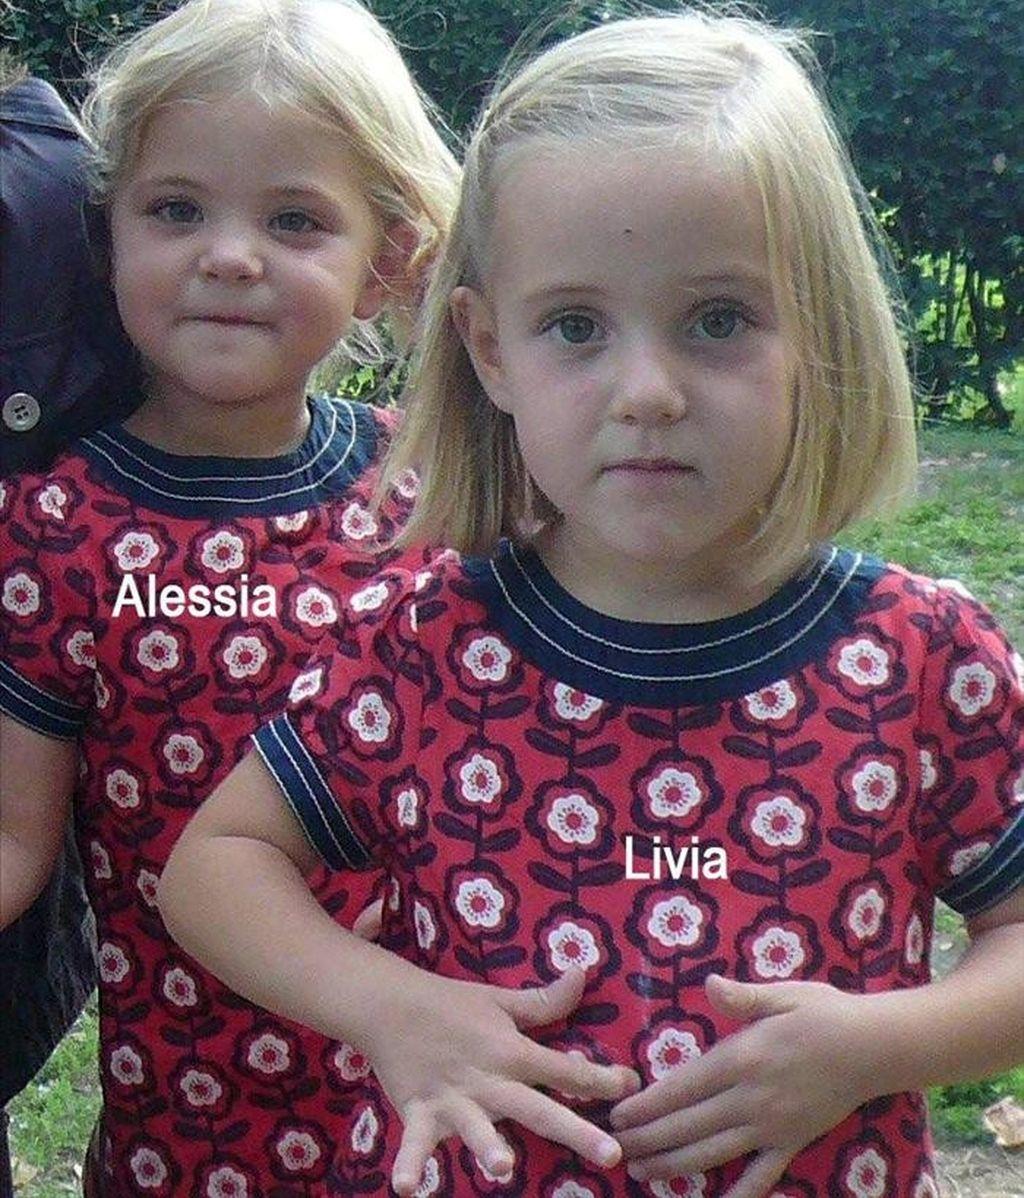 Imagen sin fechar facilitada por la policía del cantón Vadoise ayer, 9 de febrero de 2011, que muestra a las gemelas suizas Alessia (iz) y Livia (d), de seis años, desaparecidas en Italia el pasado 30 de enero. EFE/Policía Cantón Vaudoise